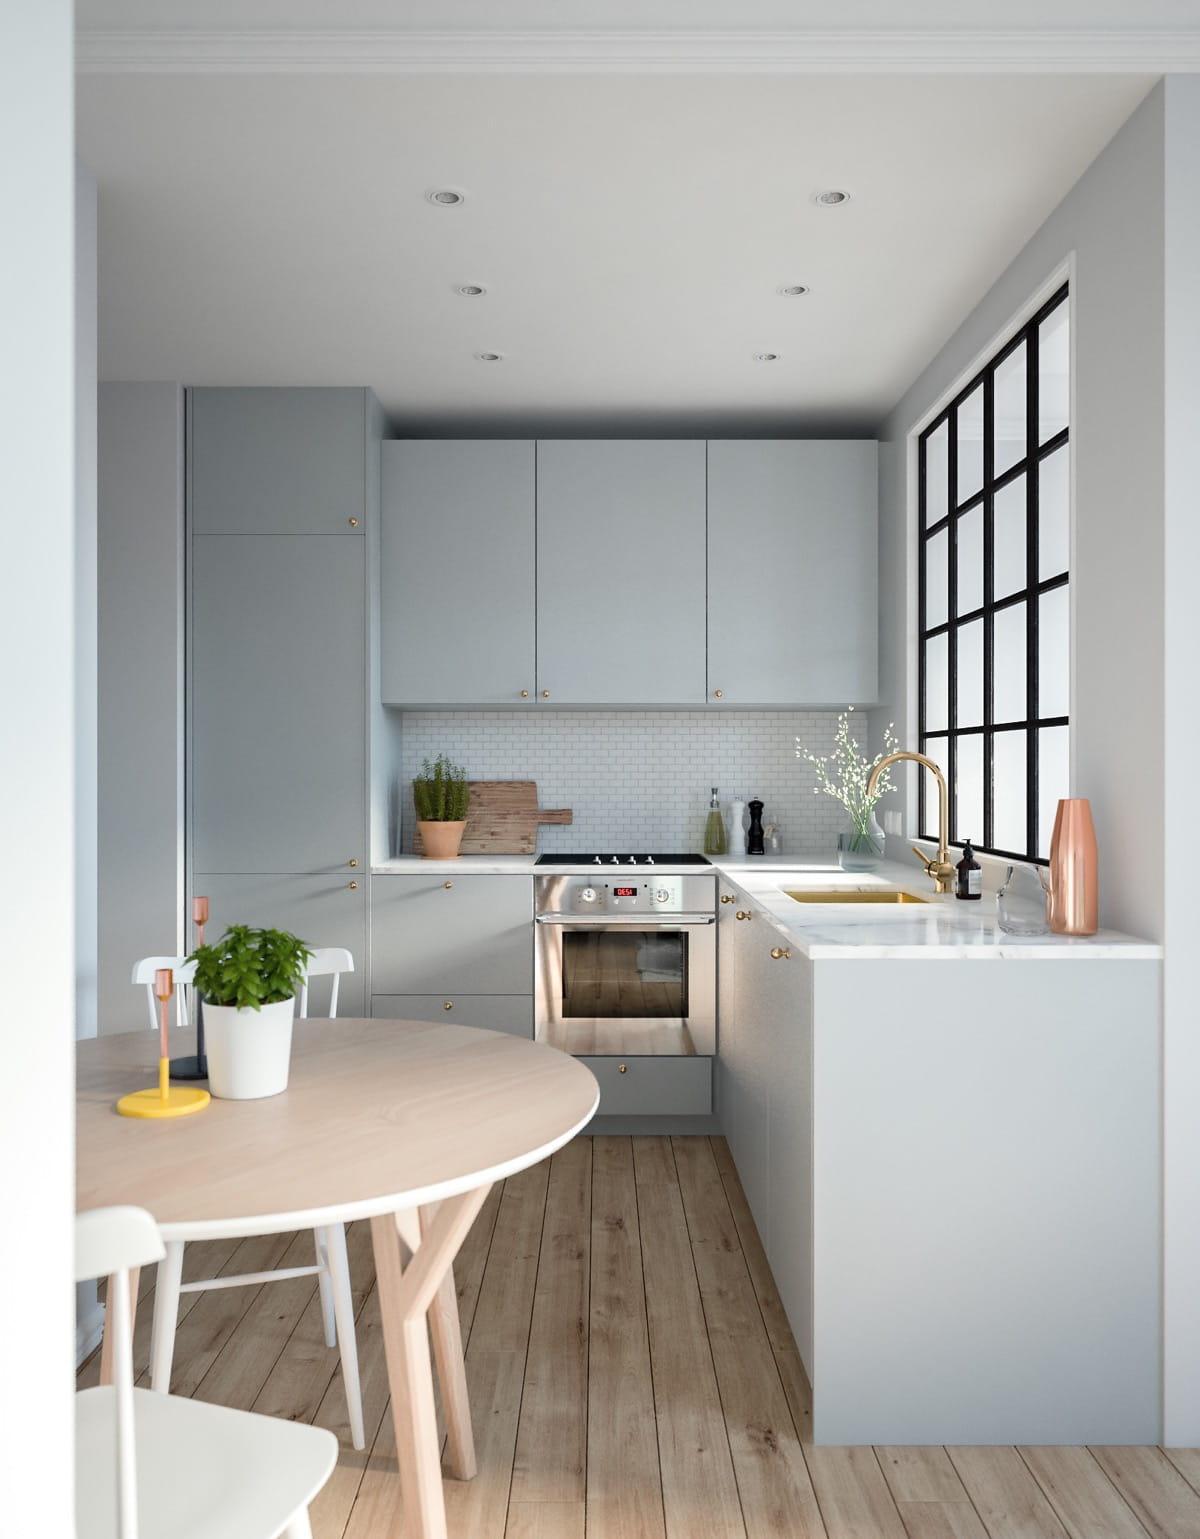 conception d'un petit appartement photo 5